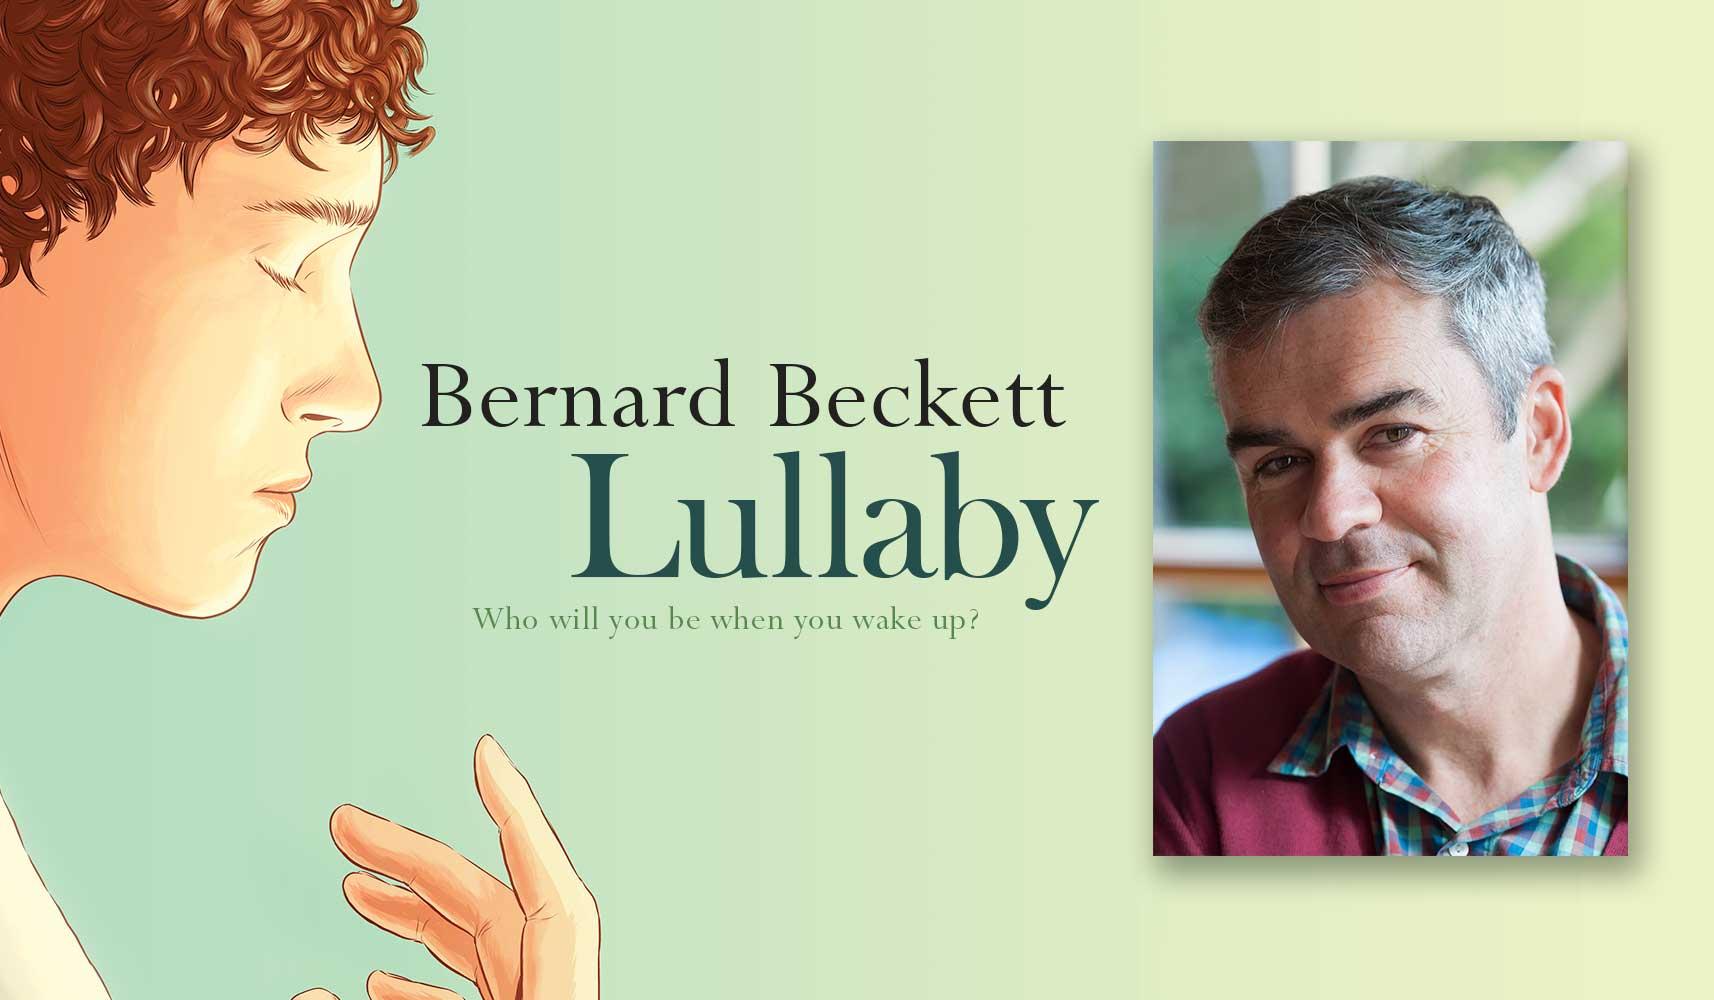 Bernard Beckett and Lullaby